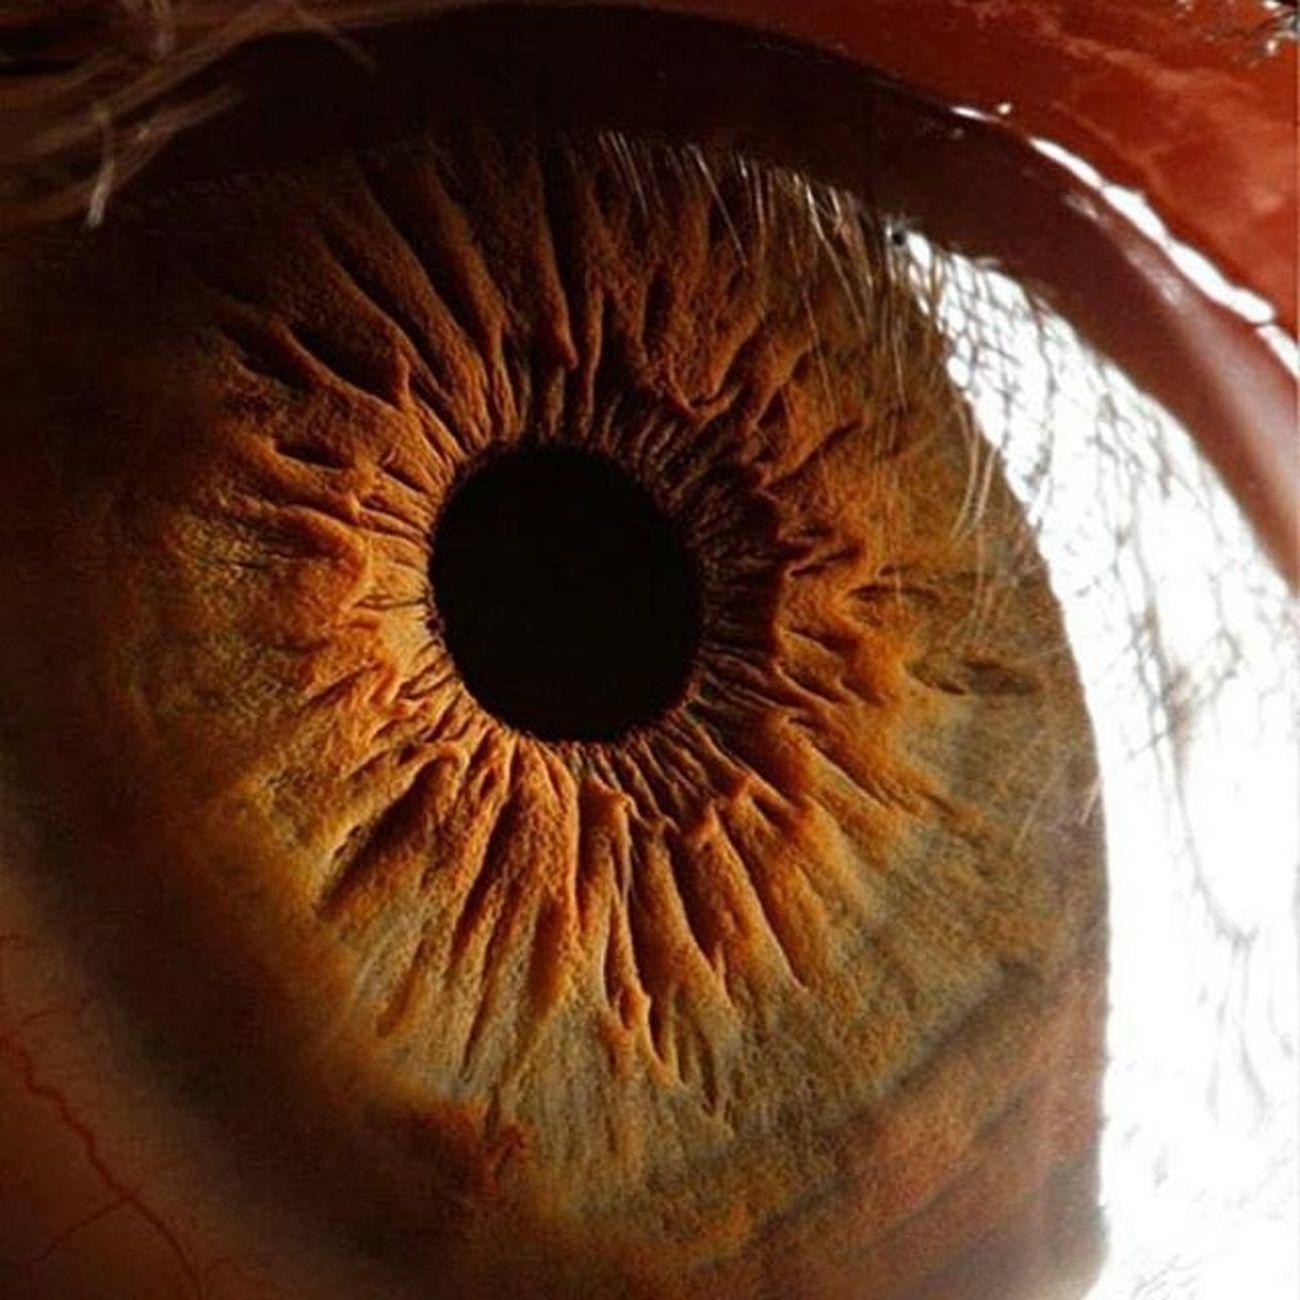 تصاویر کمتر دیده شده از چشم انسان